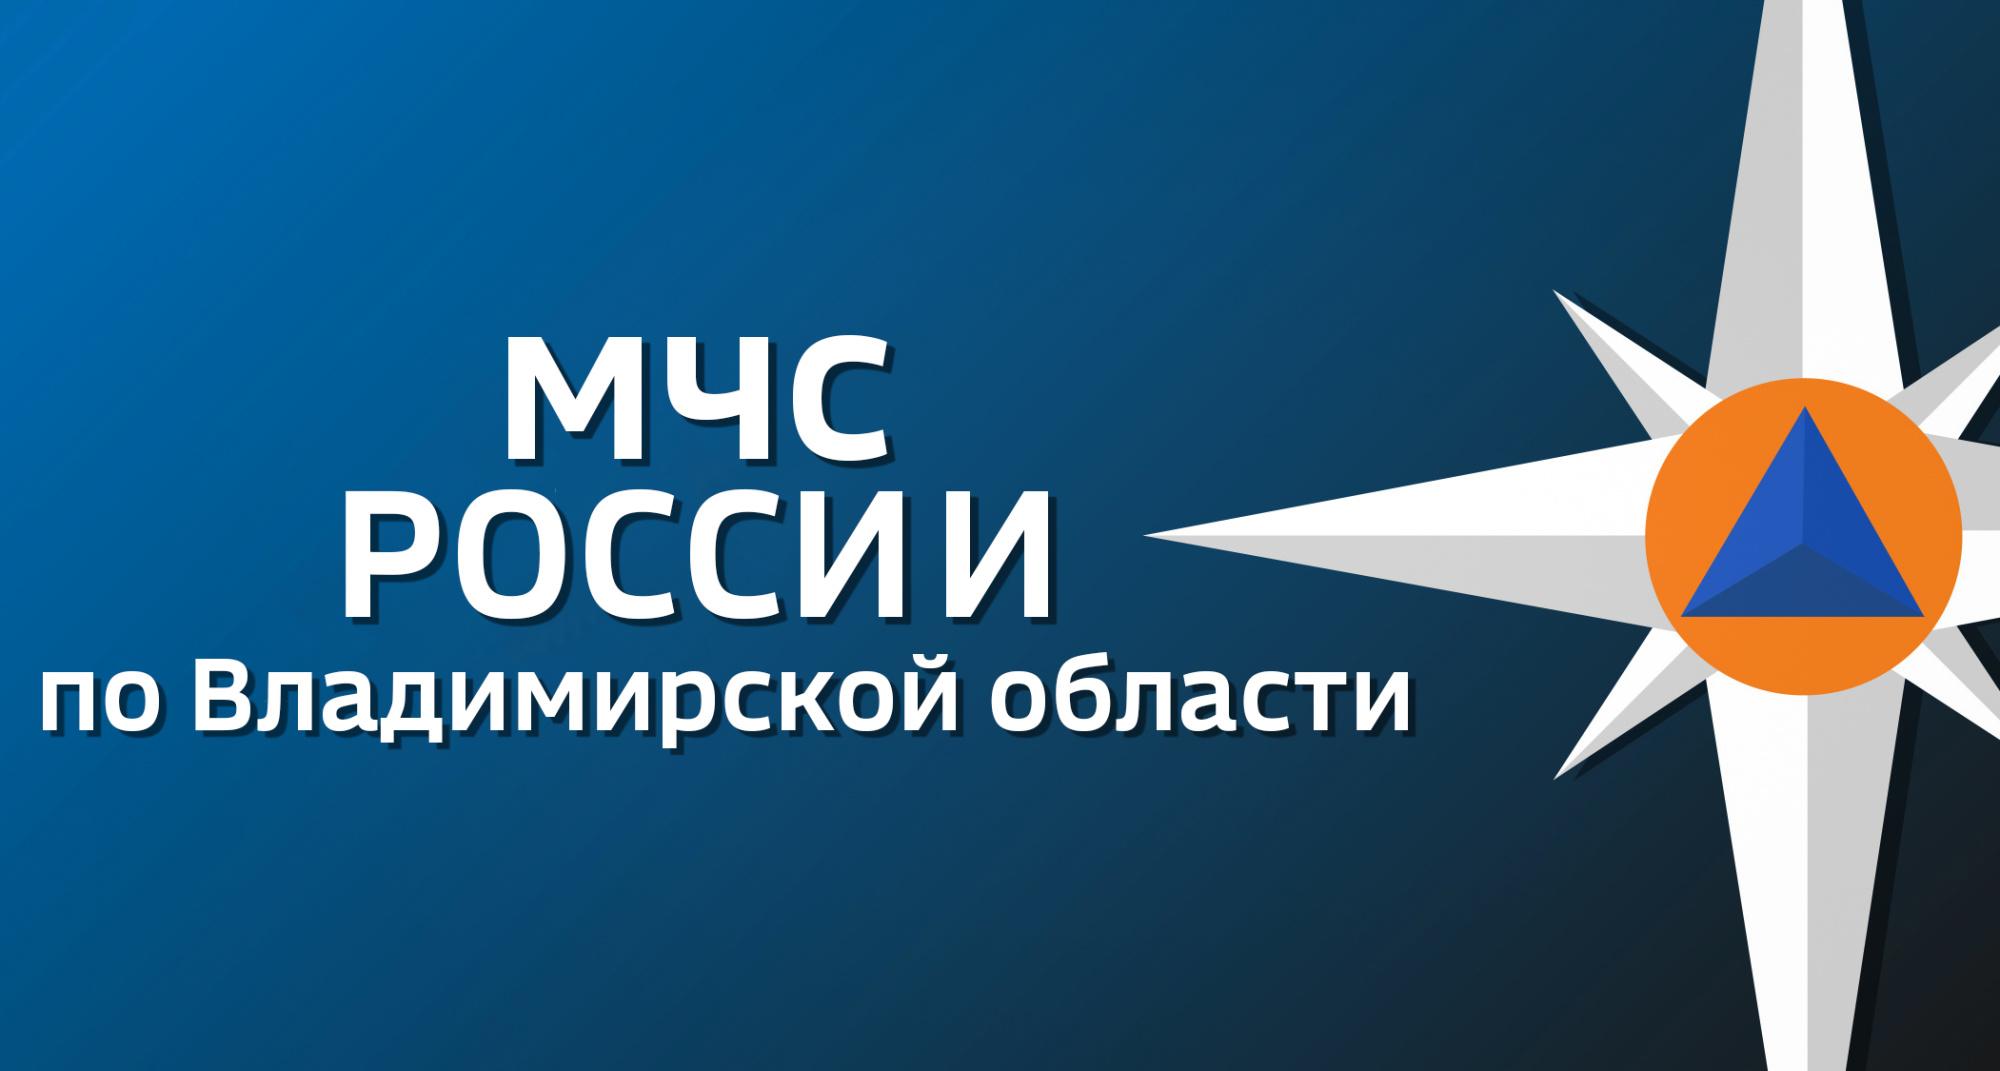 Пожар  Александровский район, д. Алексино, ул. Заречная, д. 23